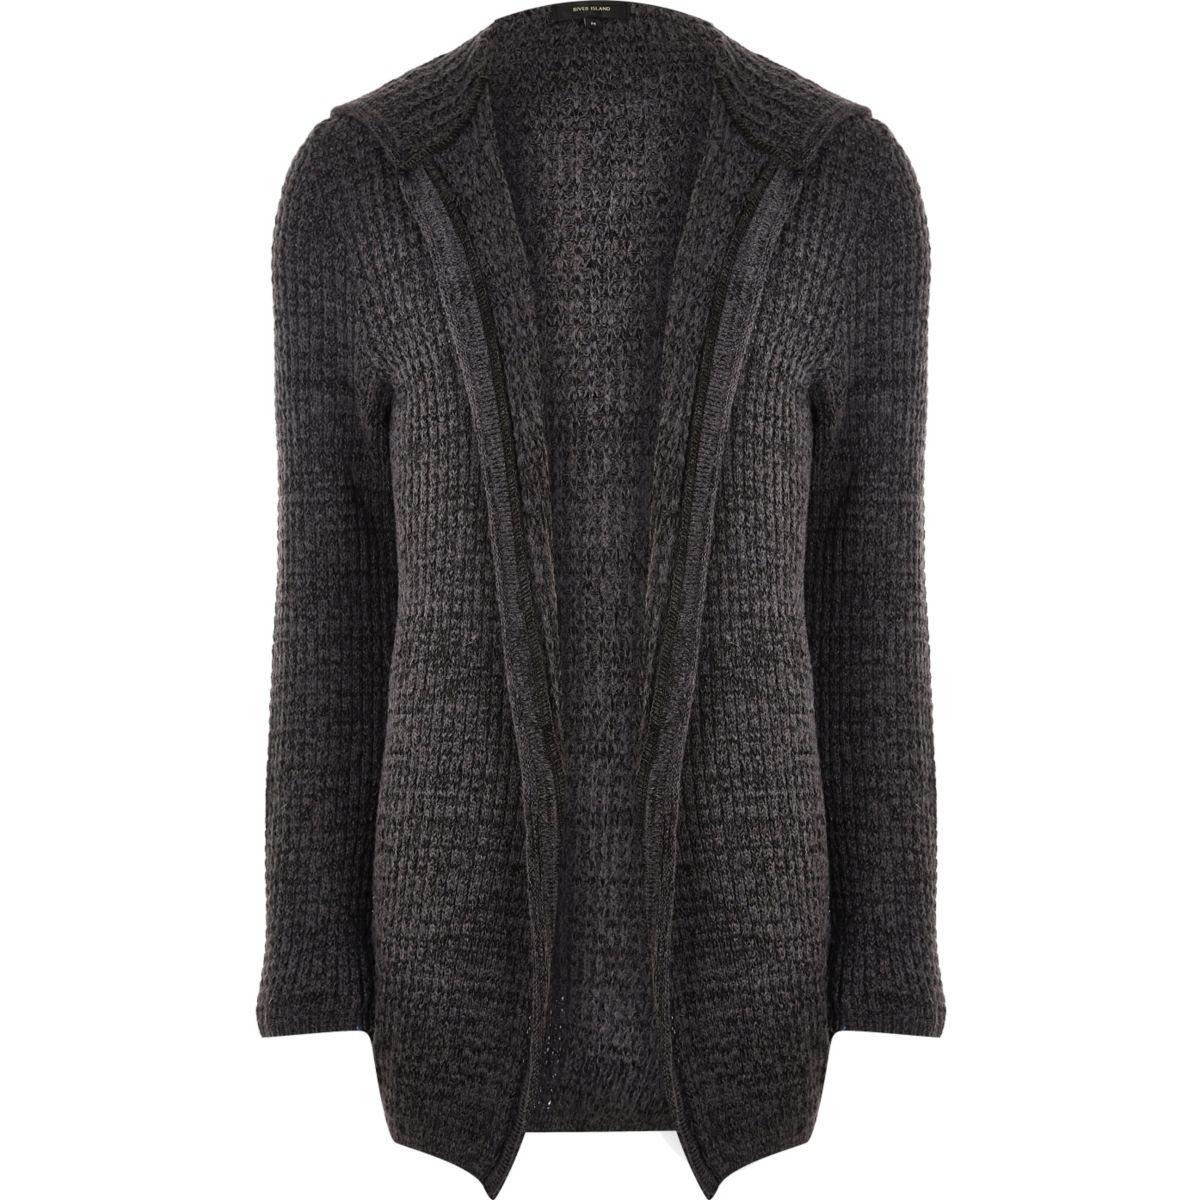 Dark grey knit open hooded longline cardigan